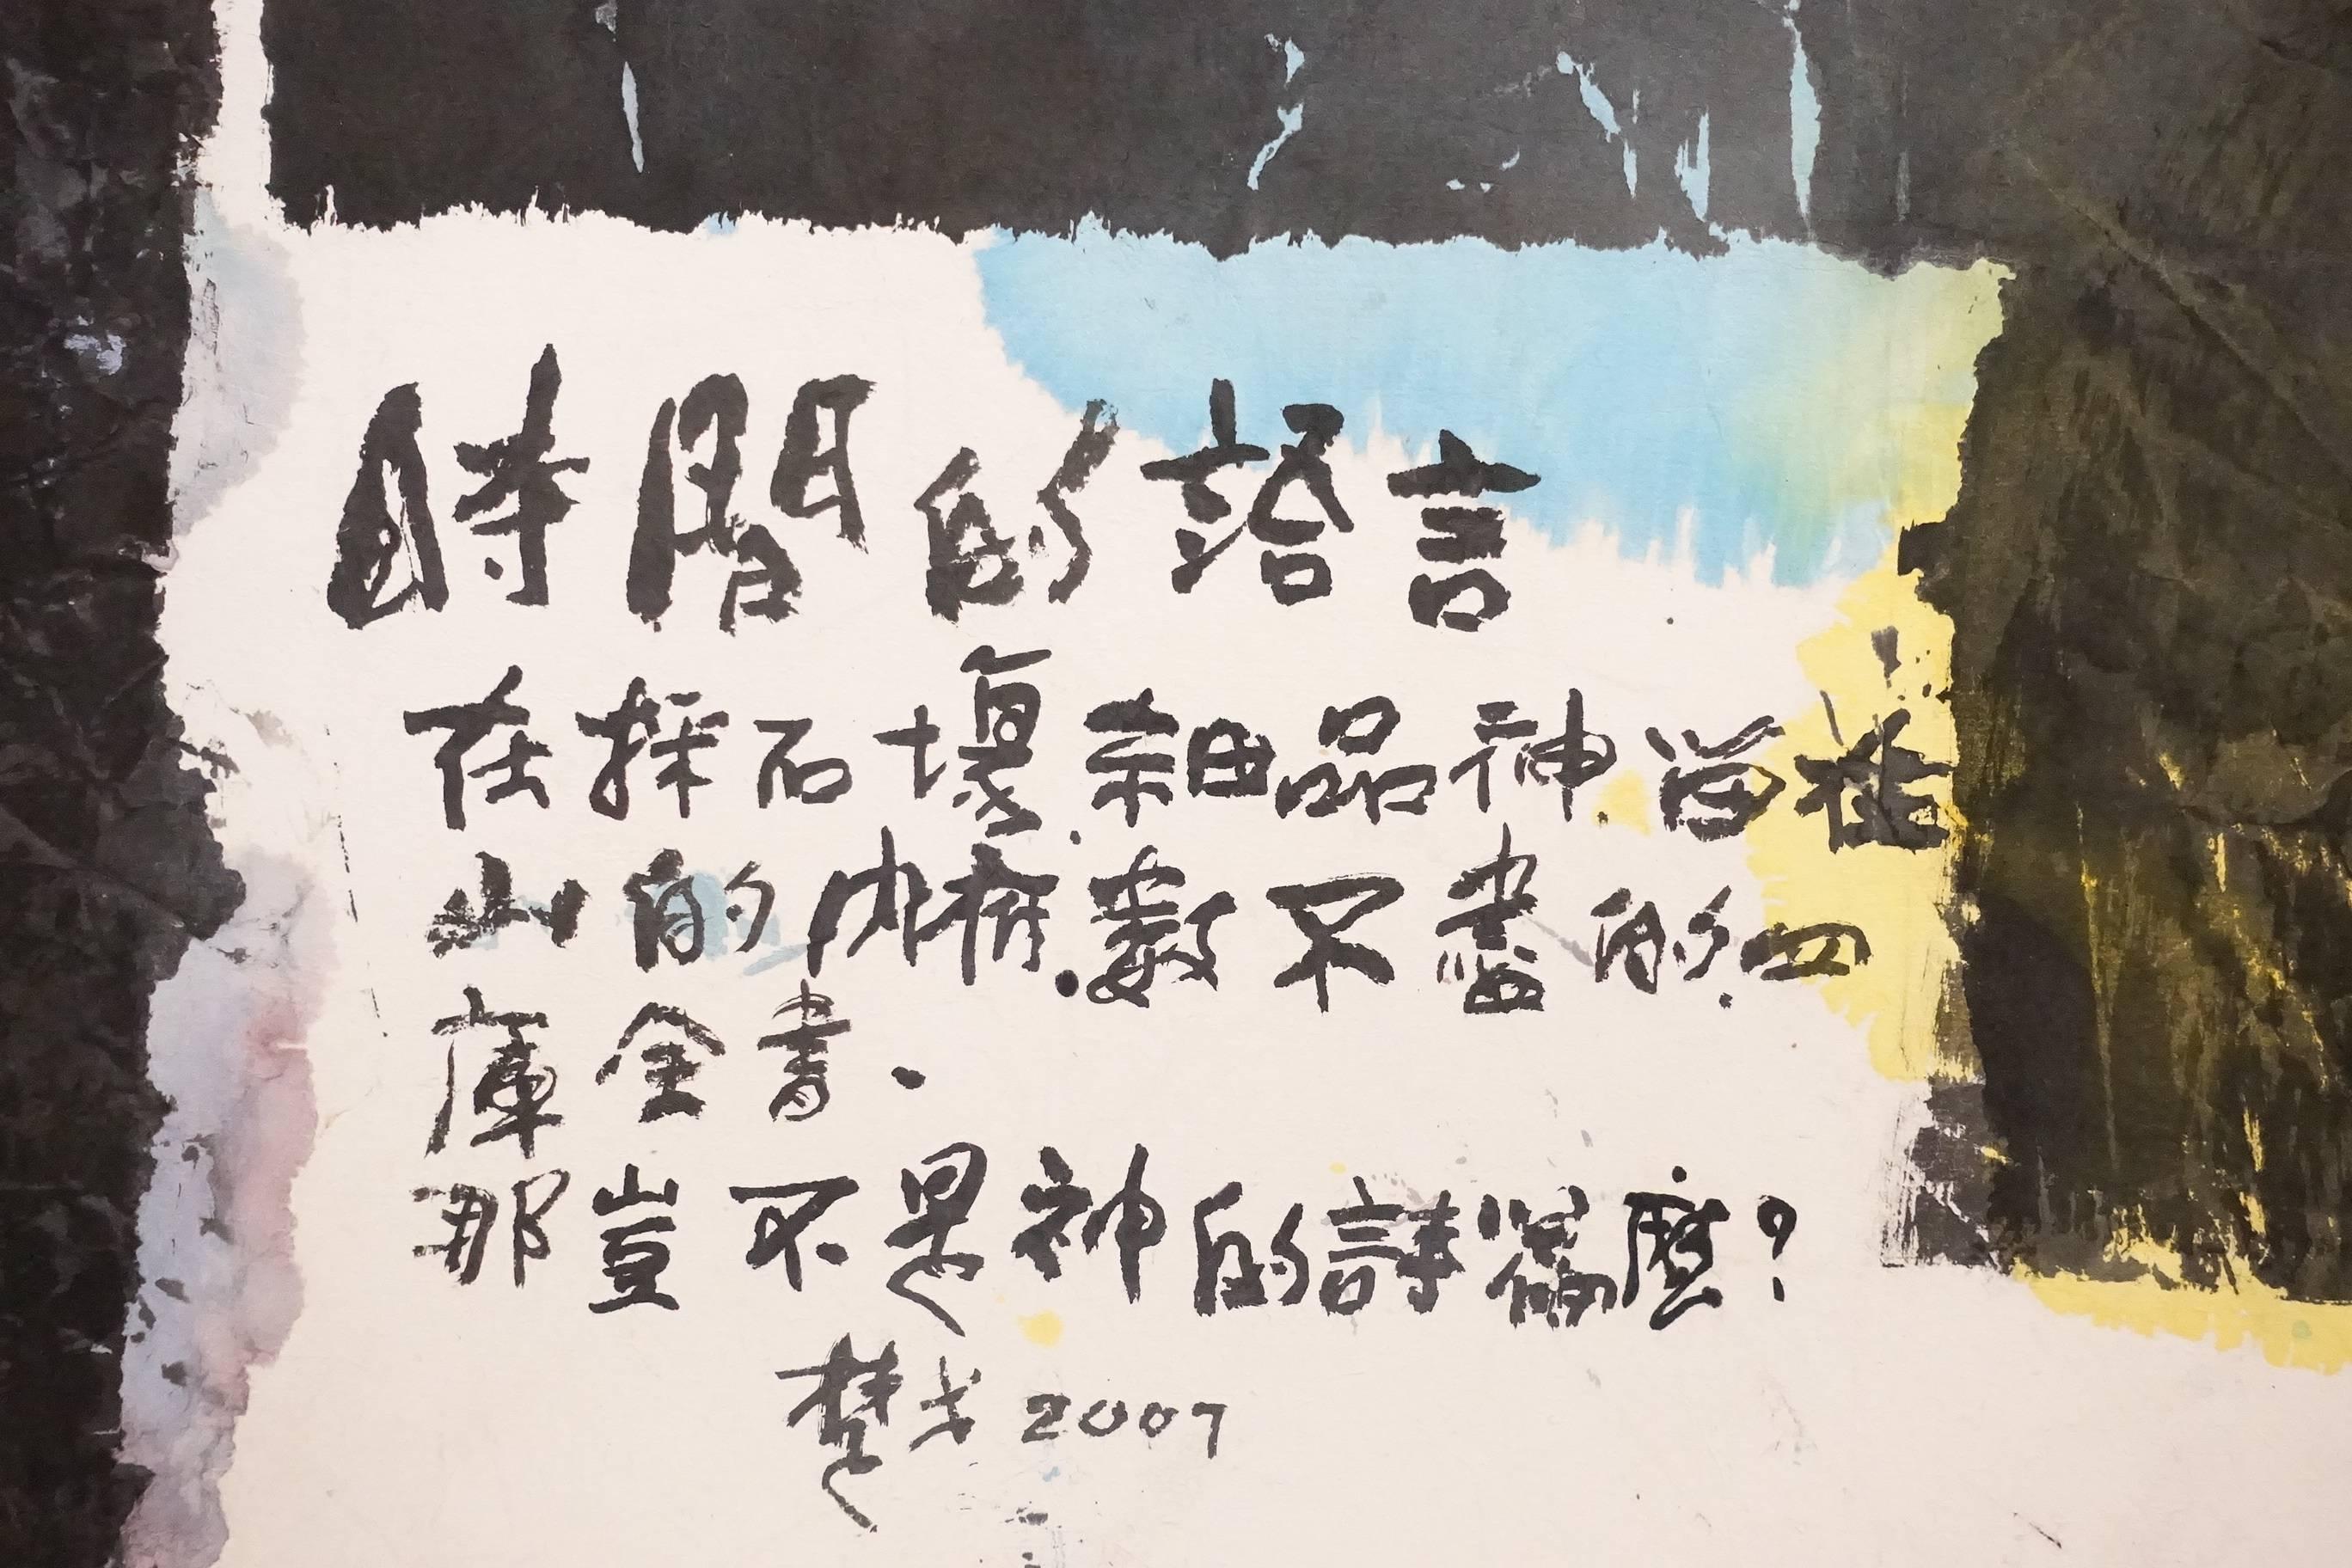 楚戈作品《時間的語言》局部。